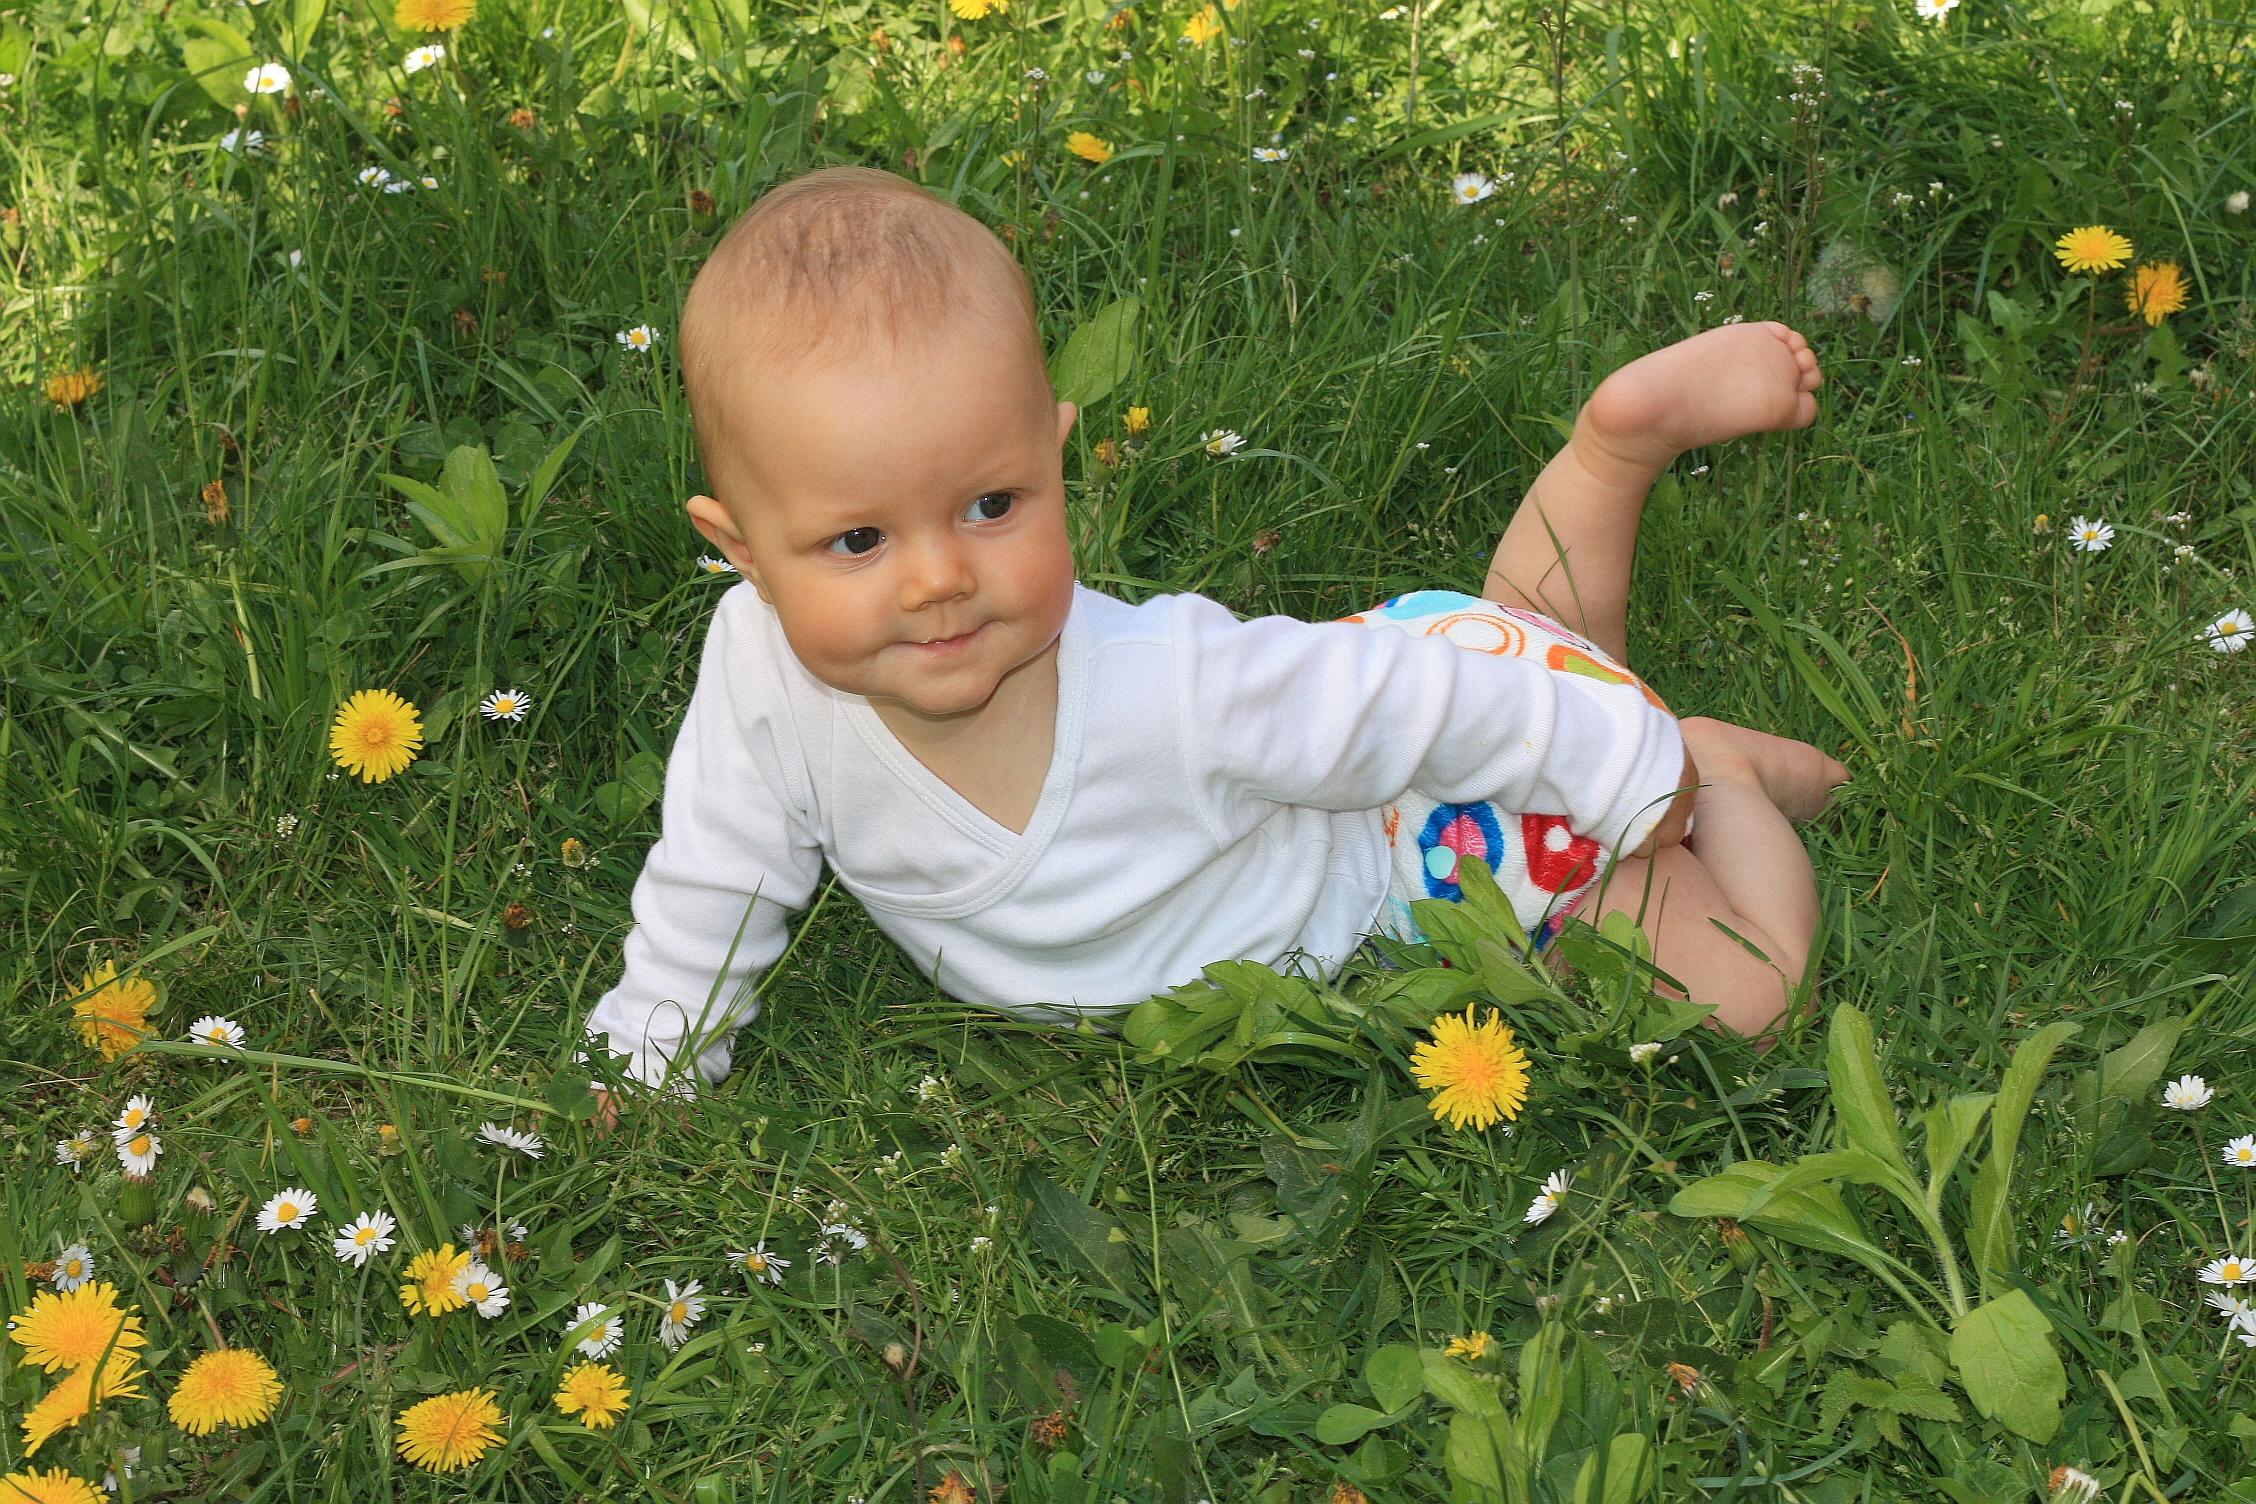 Látkové pleny – tipy z praxe